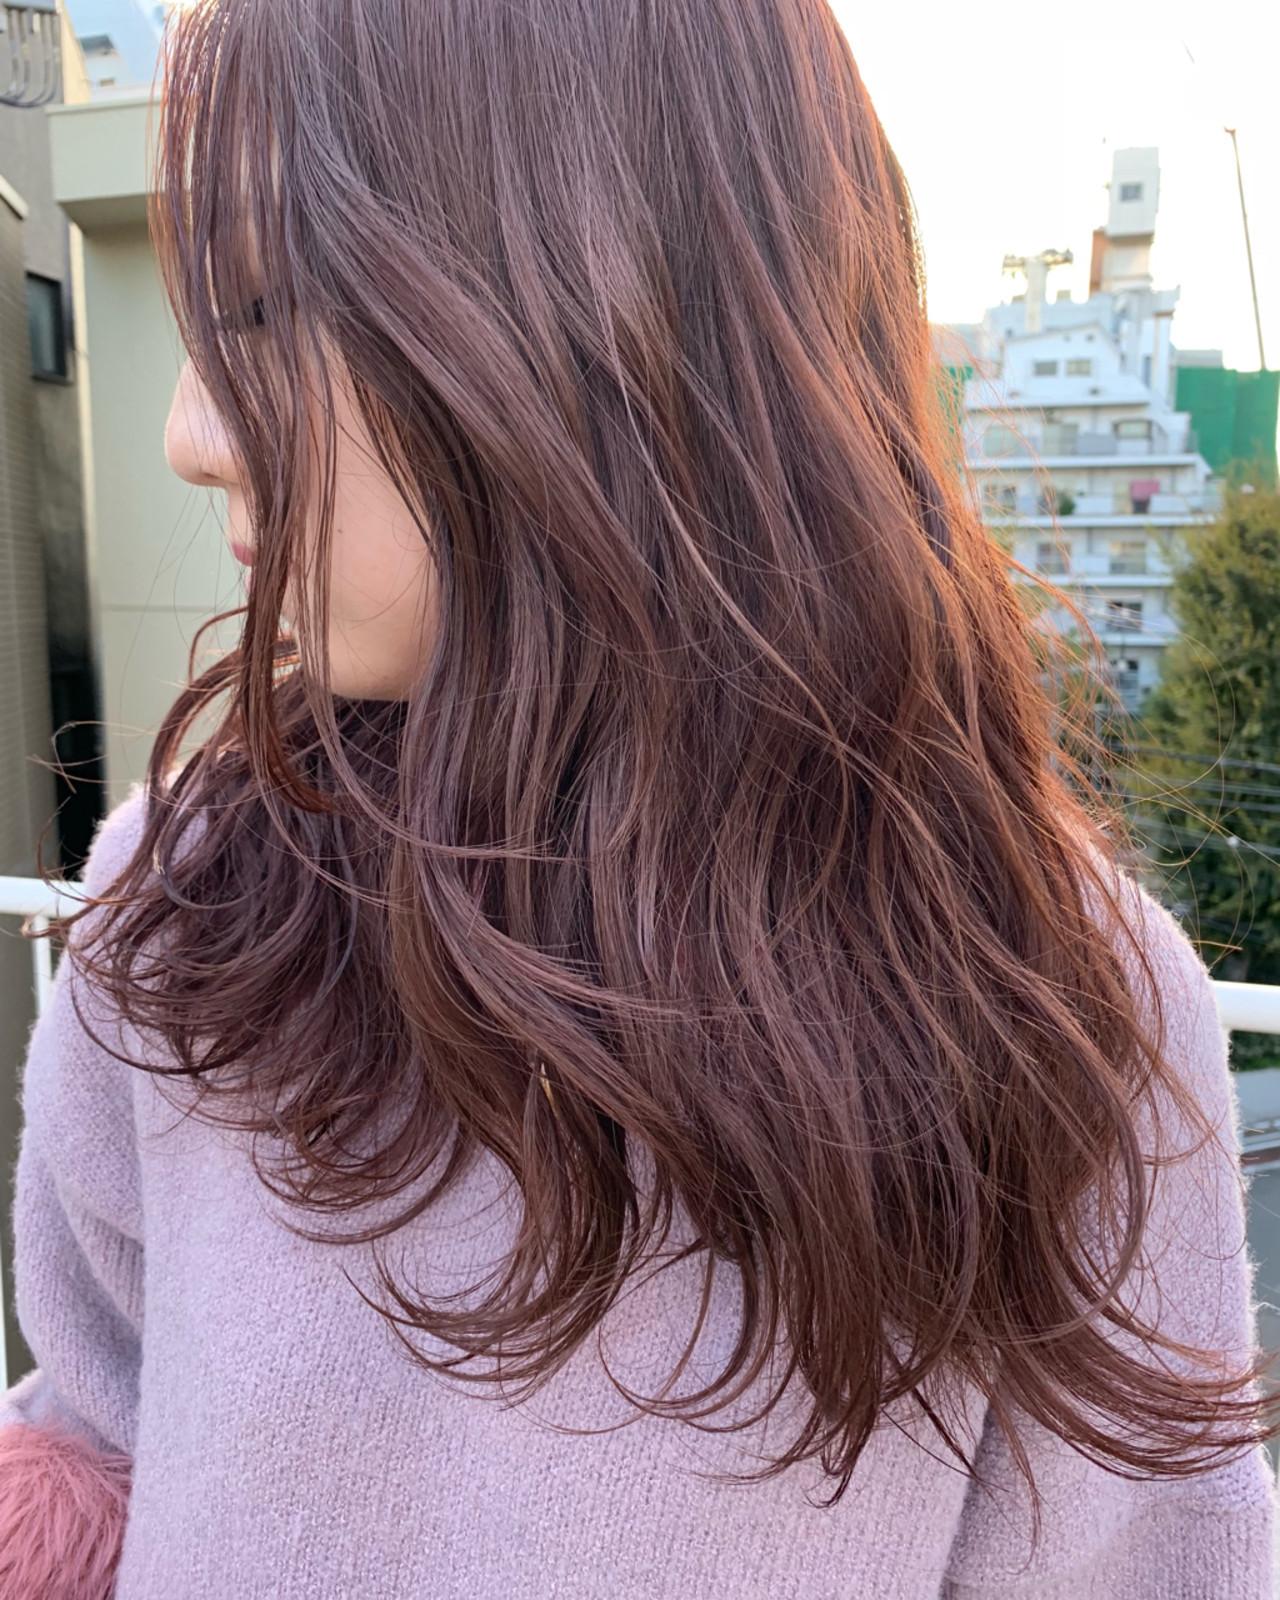 ピンクアッシュ ロング ナチュラル ピンク ヘアスタイルや髪型の写真・画像